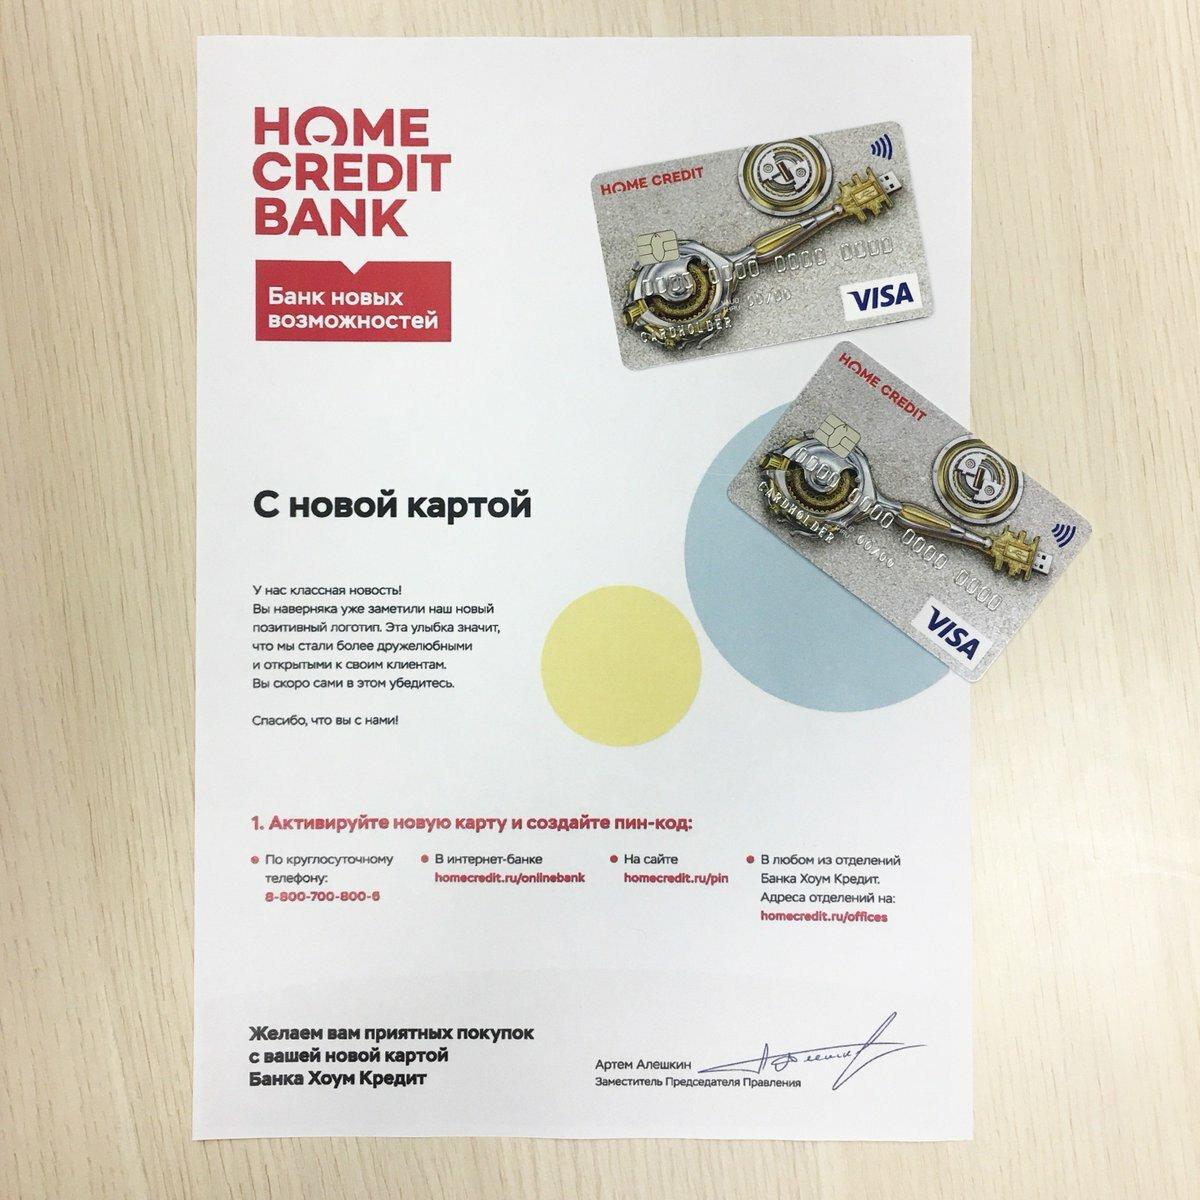 экспресс банк фото конверта с картой томмота представлены